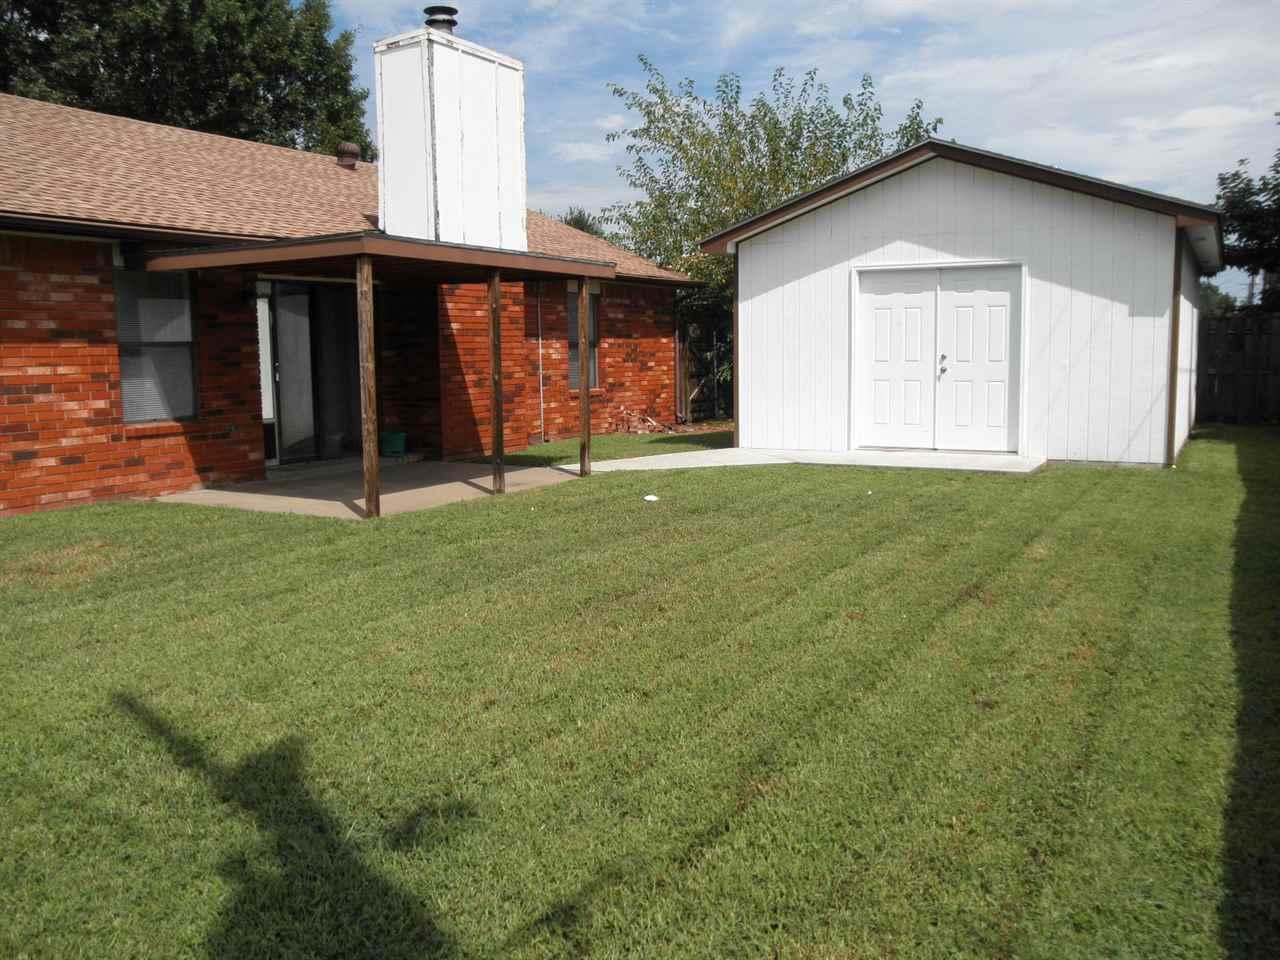 Sold Cross Sale W/ MLS | 124 Woodbury Ponca City, OK 74601 13